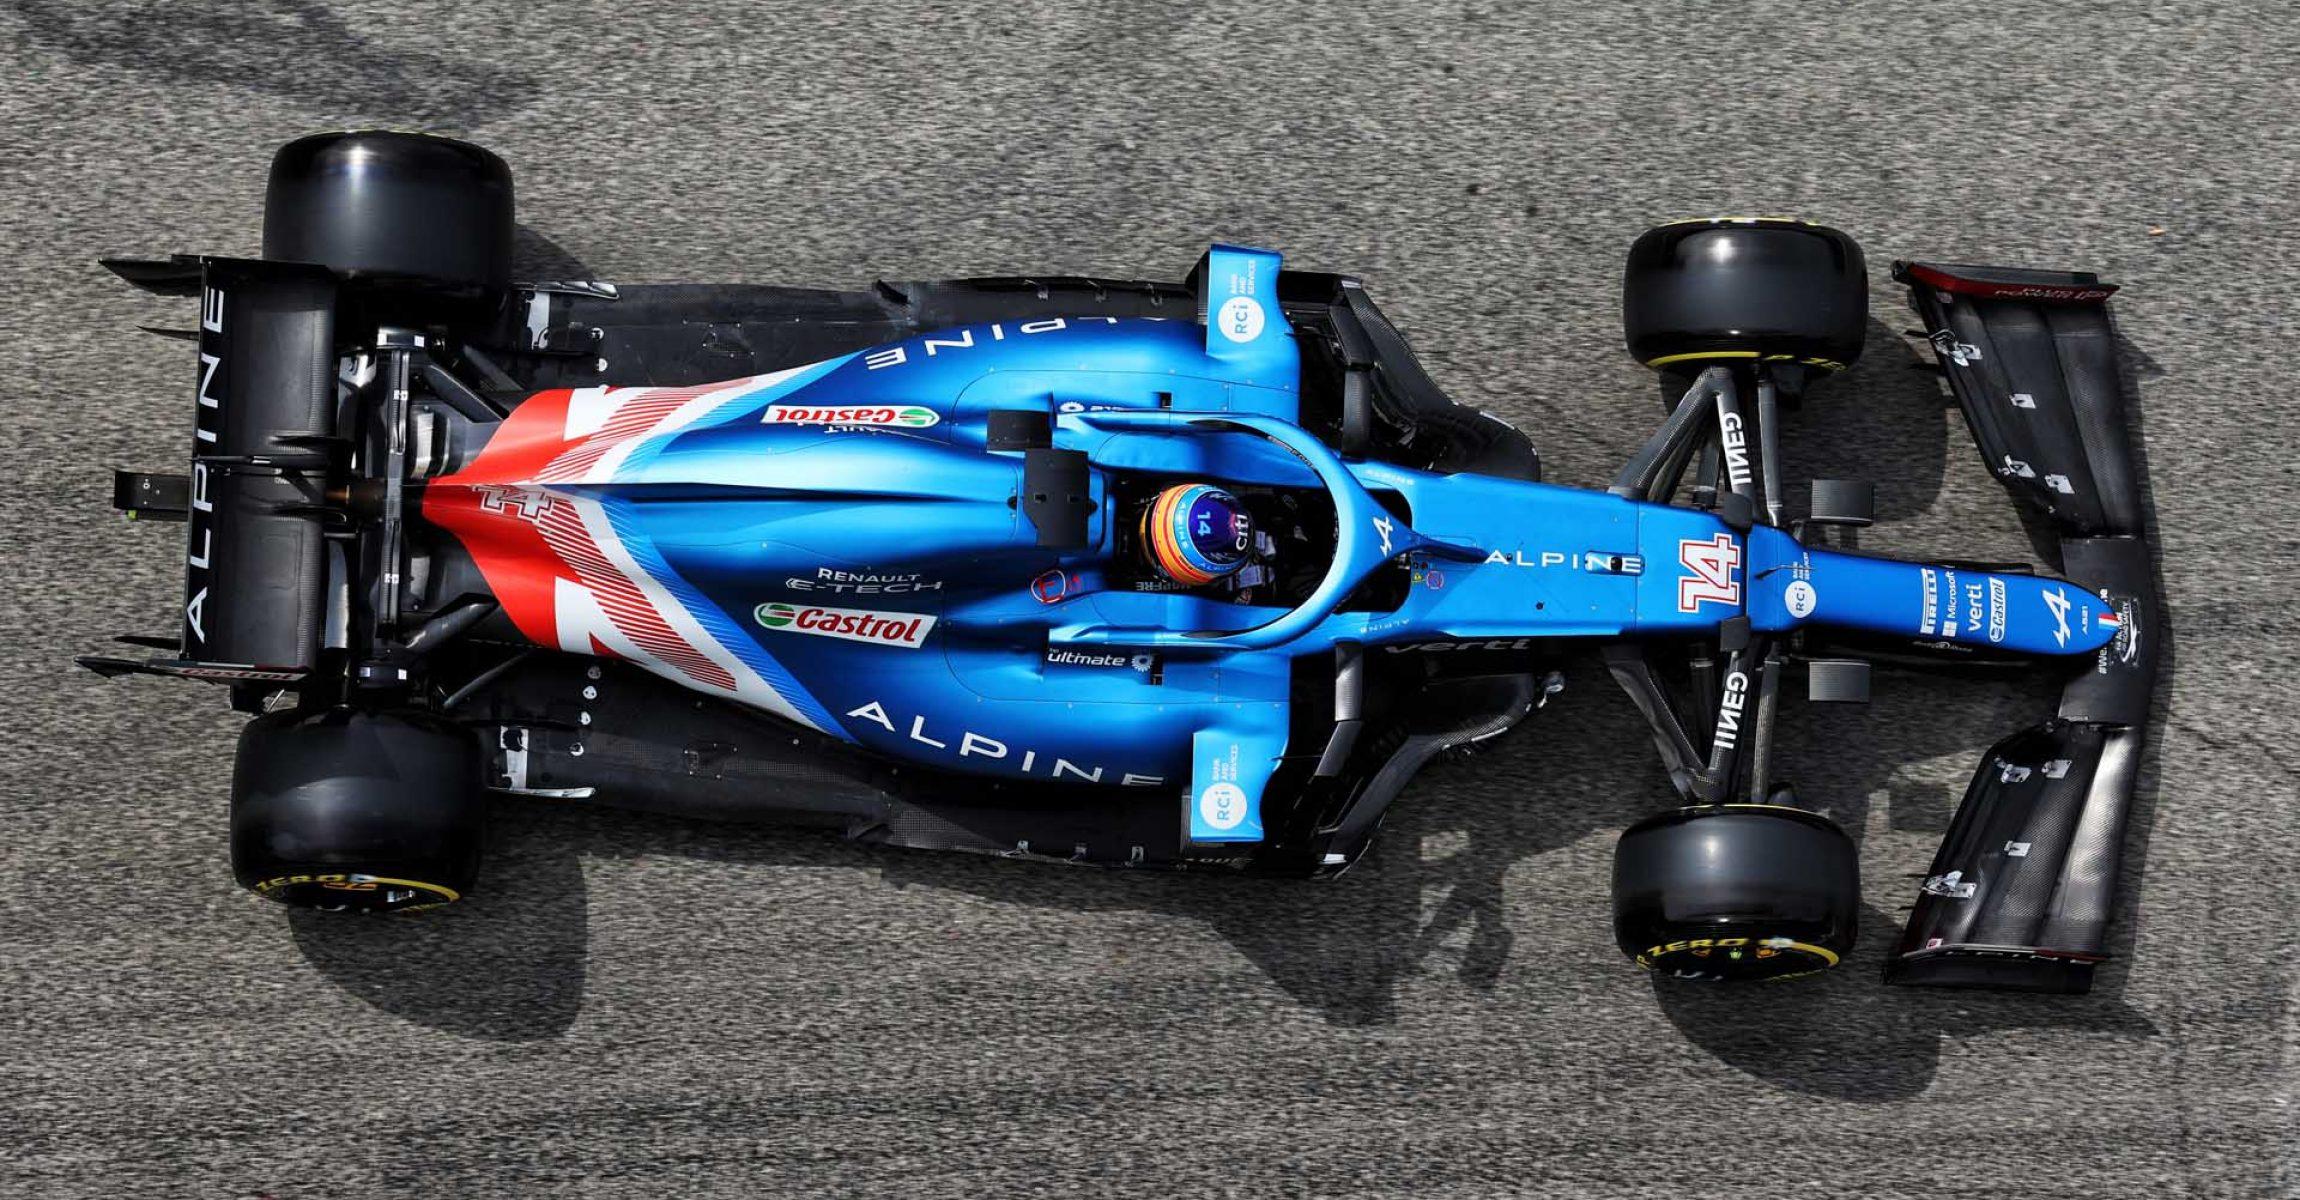 Fernando Alonso (ESP) Alpine F1 Team A521. Emilia Romagna Grand Prix, Saturday 17th April 2021. Imola, Italy.